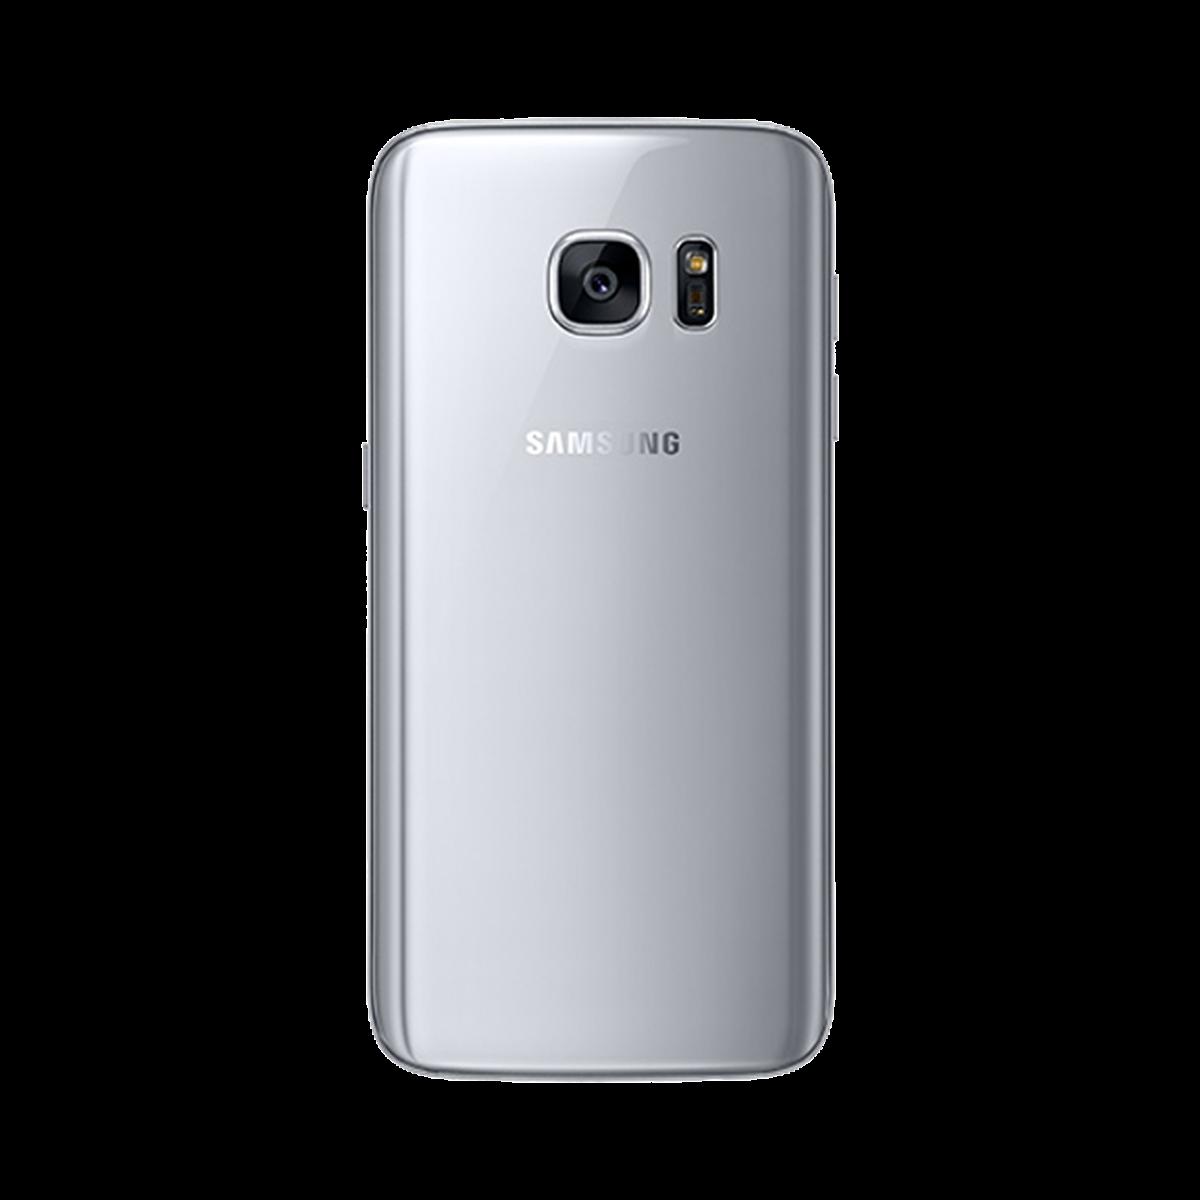 Samsung Galaxy S7 teardown reveals Sony IMX260 Dual-pixel